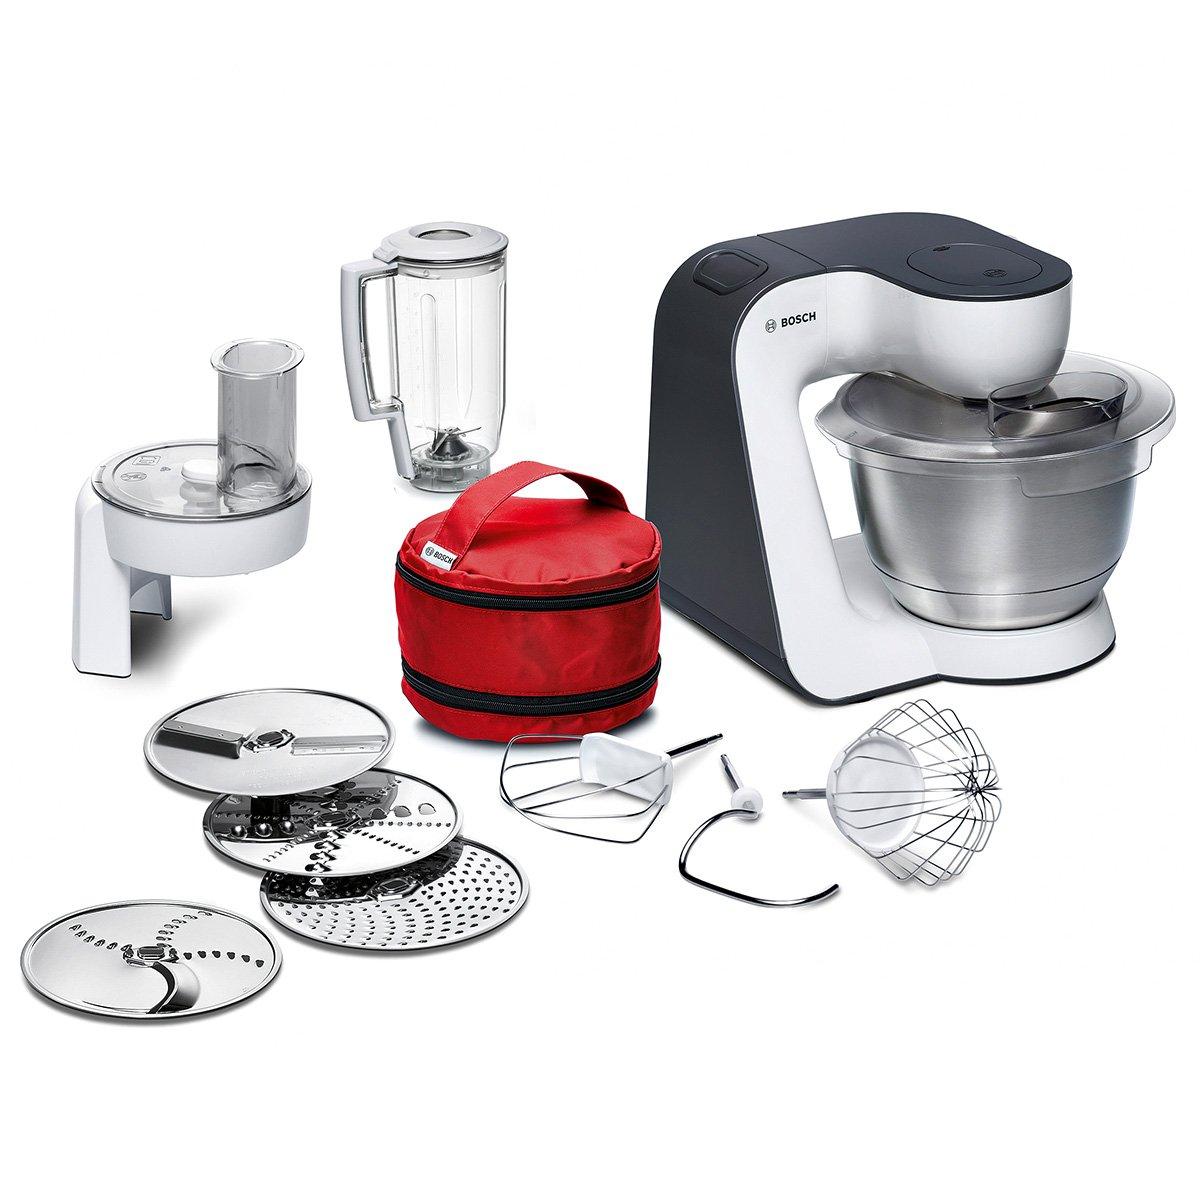 amazon.de: bosch mum50e32de küchenmaschine startline, 800 w, 3, 9 ... - Bosch Küchenmaschine Mum 54251